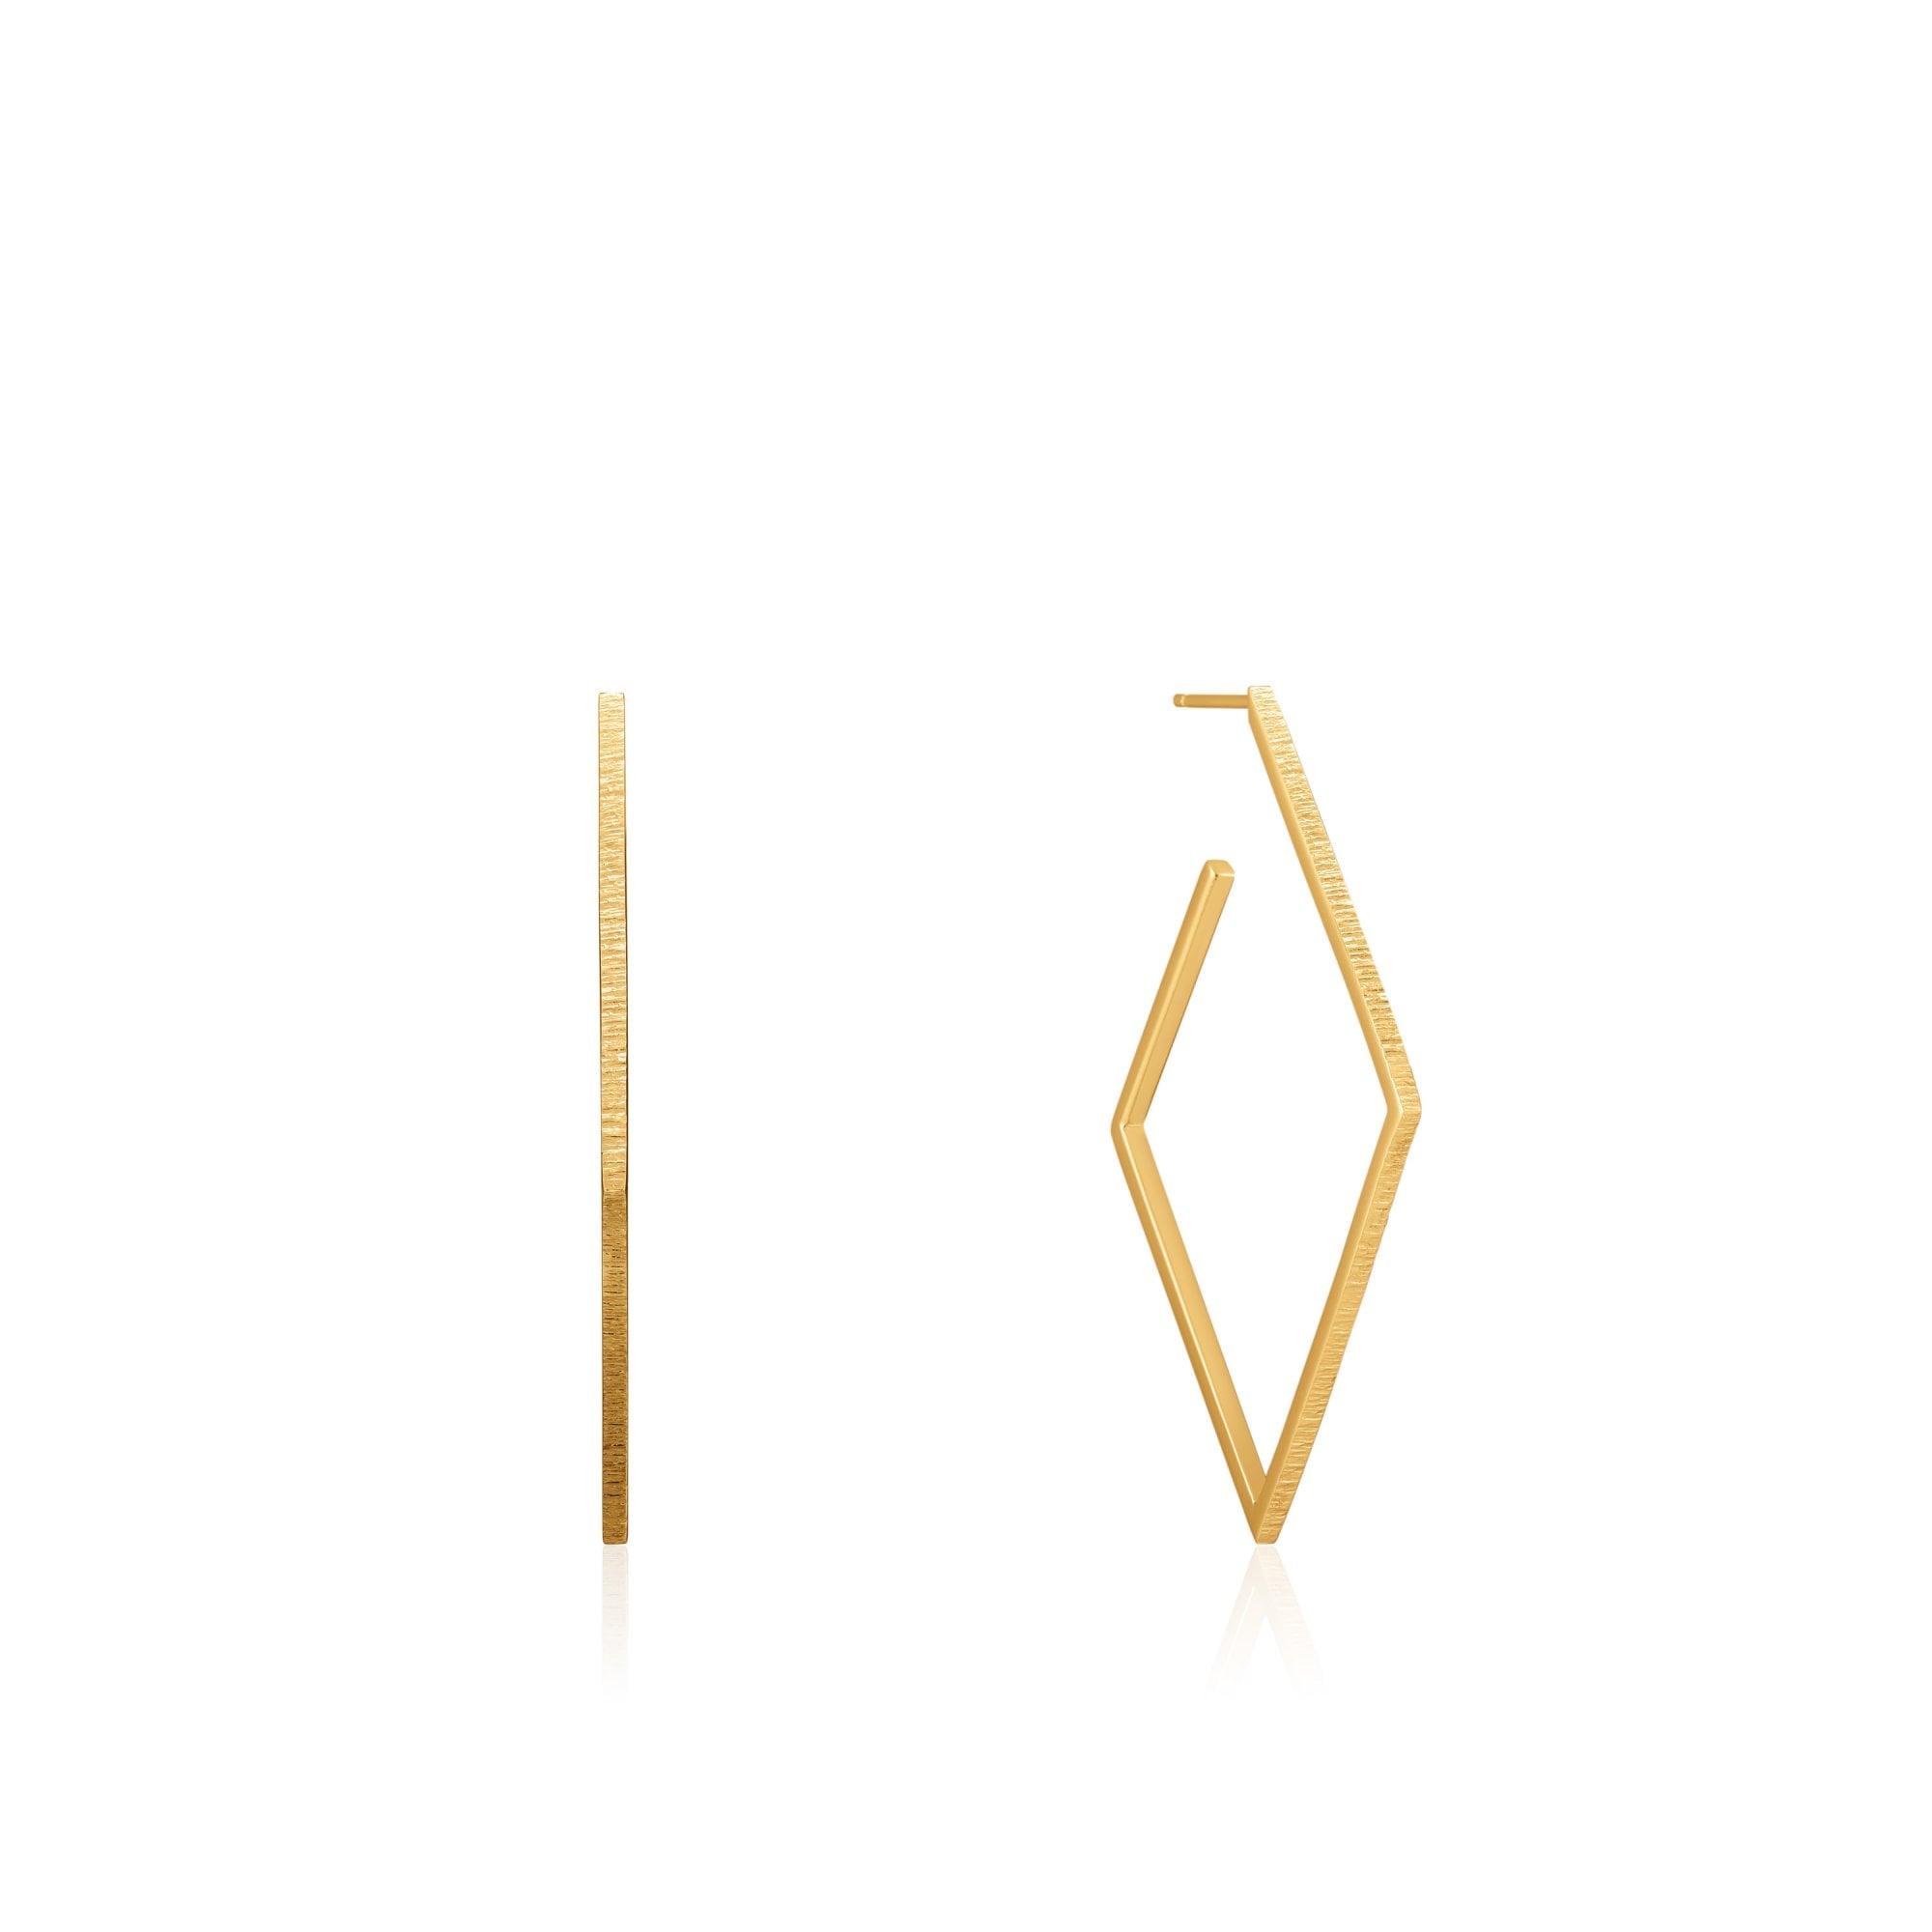 Ania Haie Ear We Go Shiny Gold Texture Diamond Hoop Earrings E023 22g